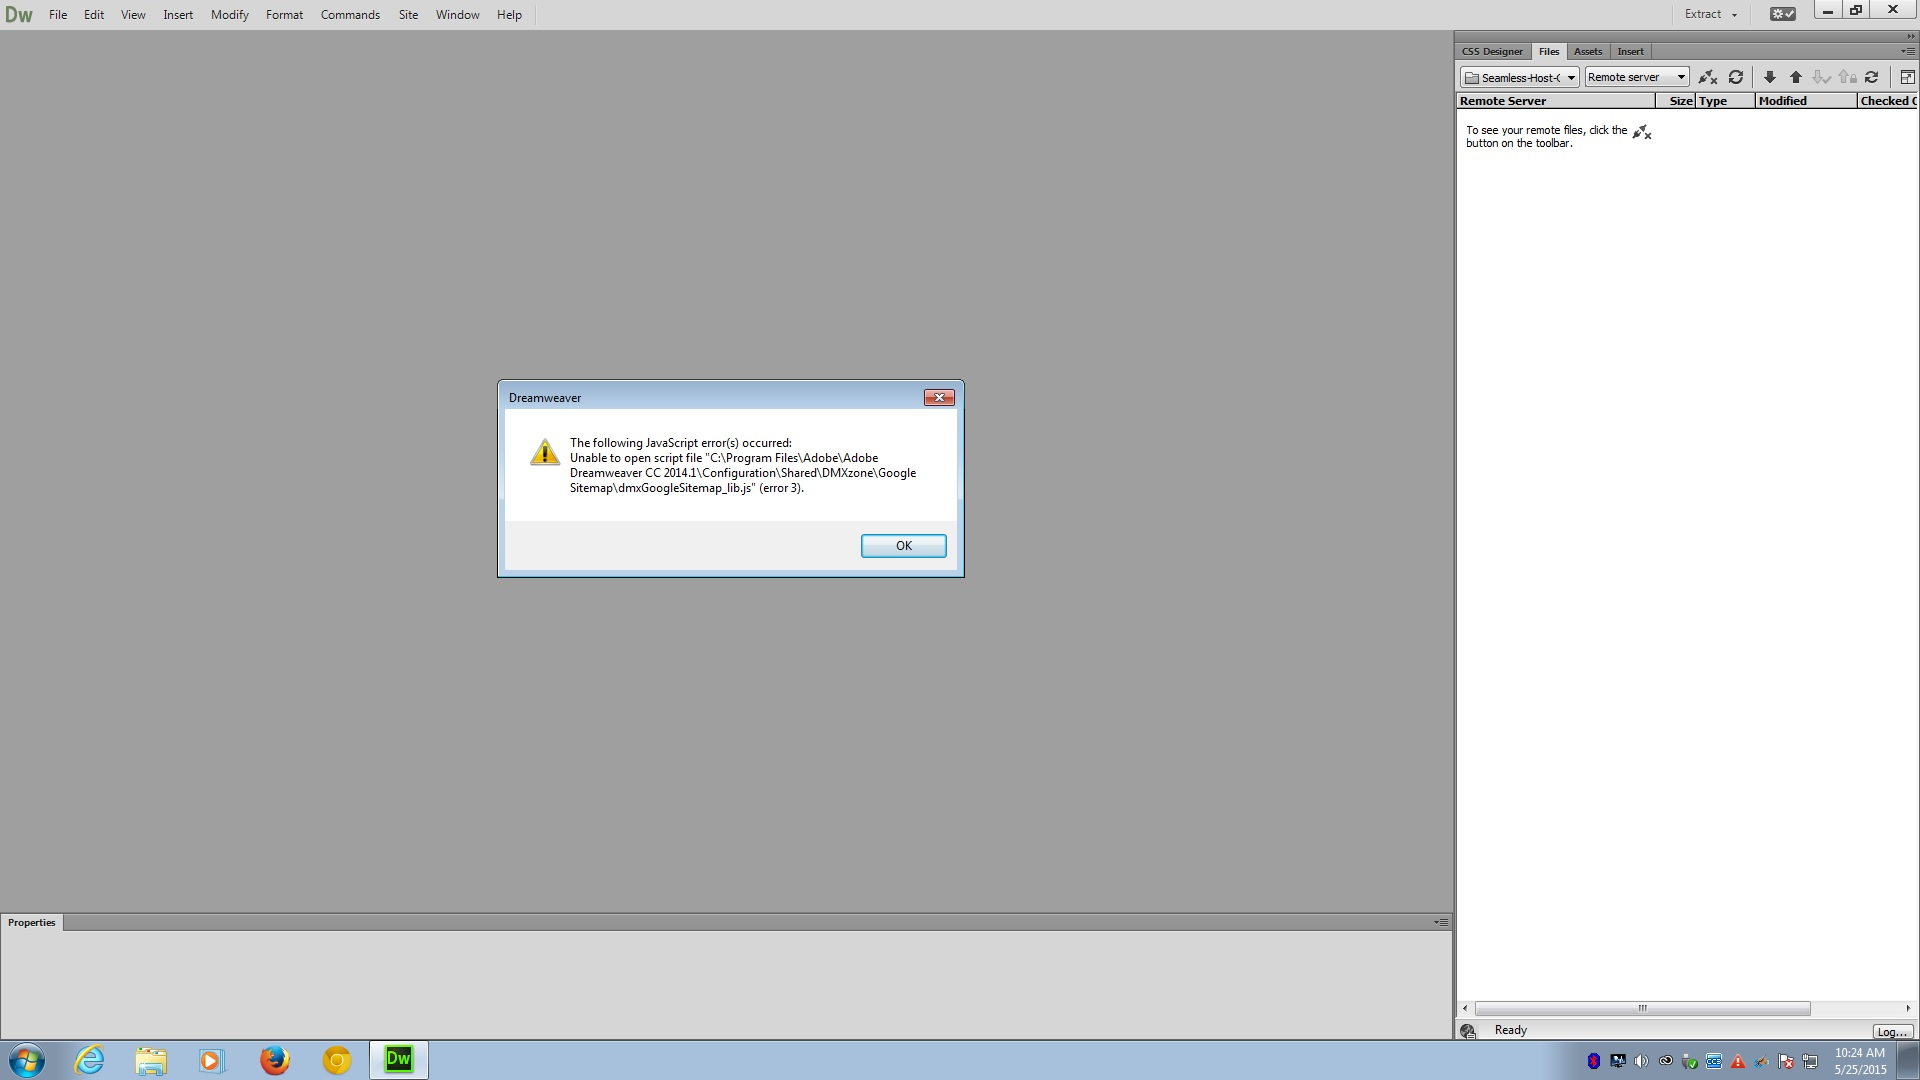 dmx-error-1.jpg